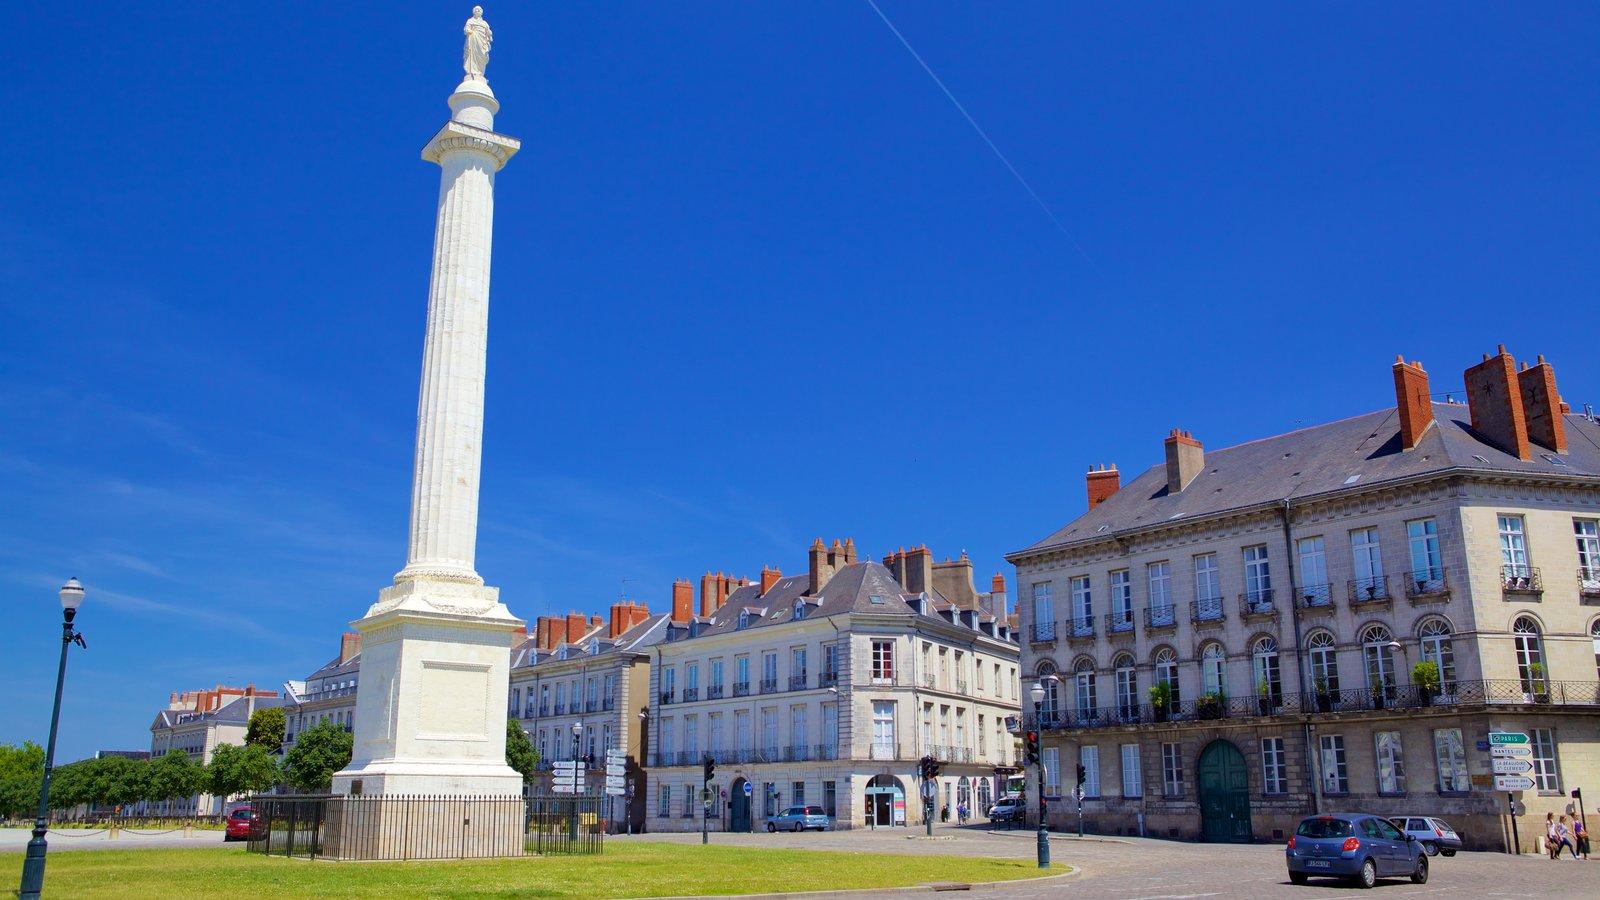 Nantes mostrando elementos de patrimônio e um monumento